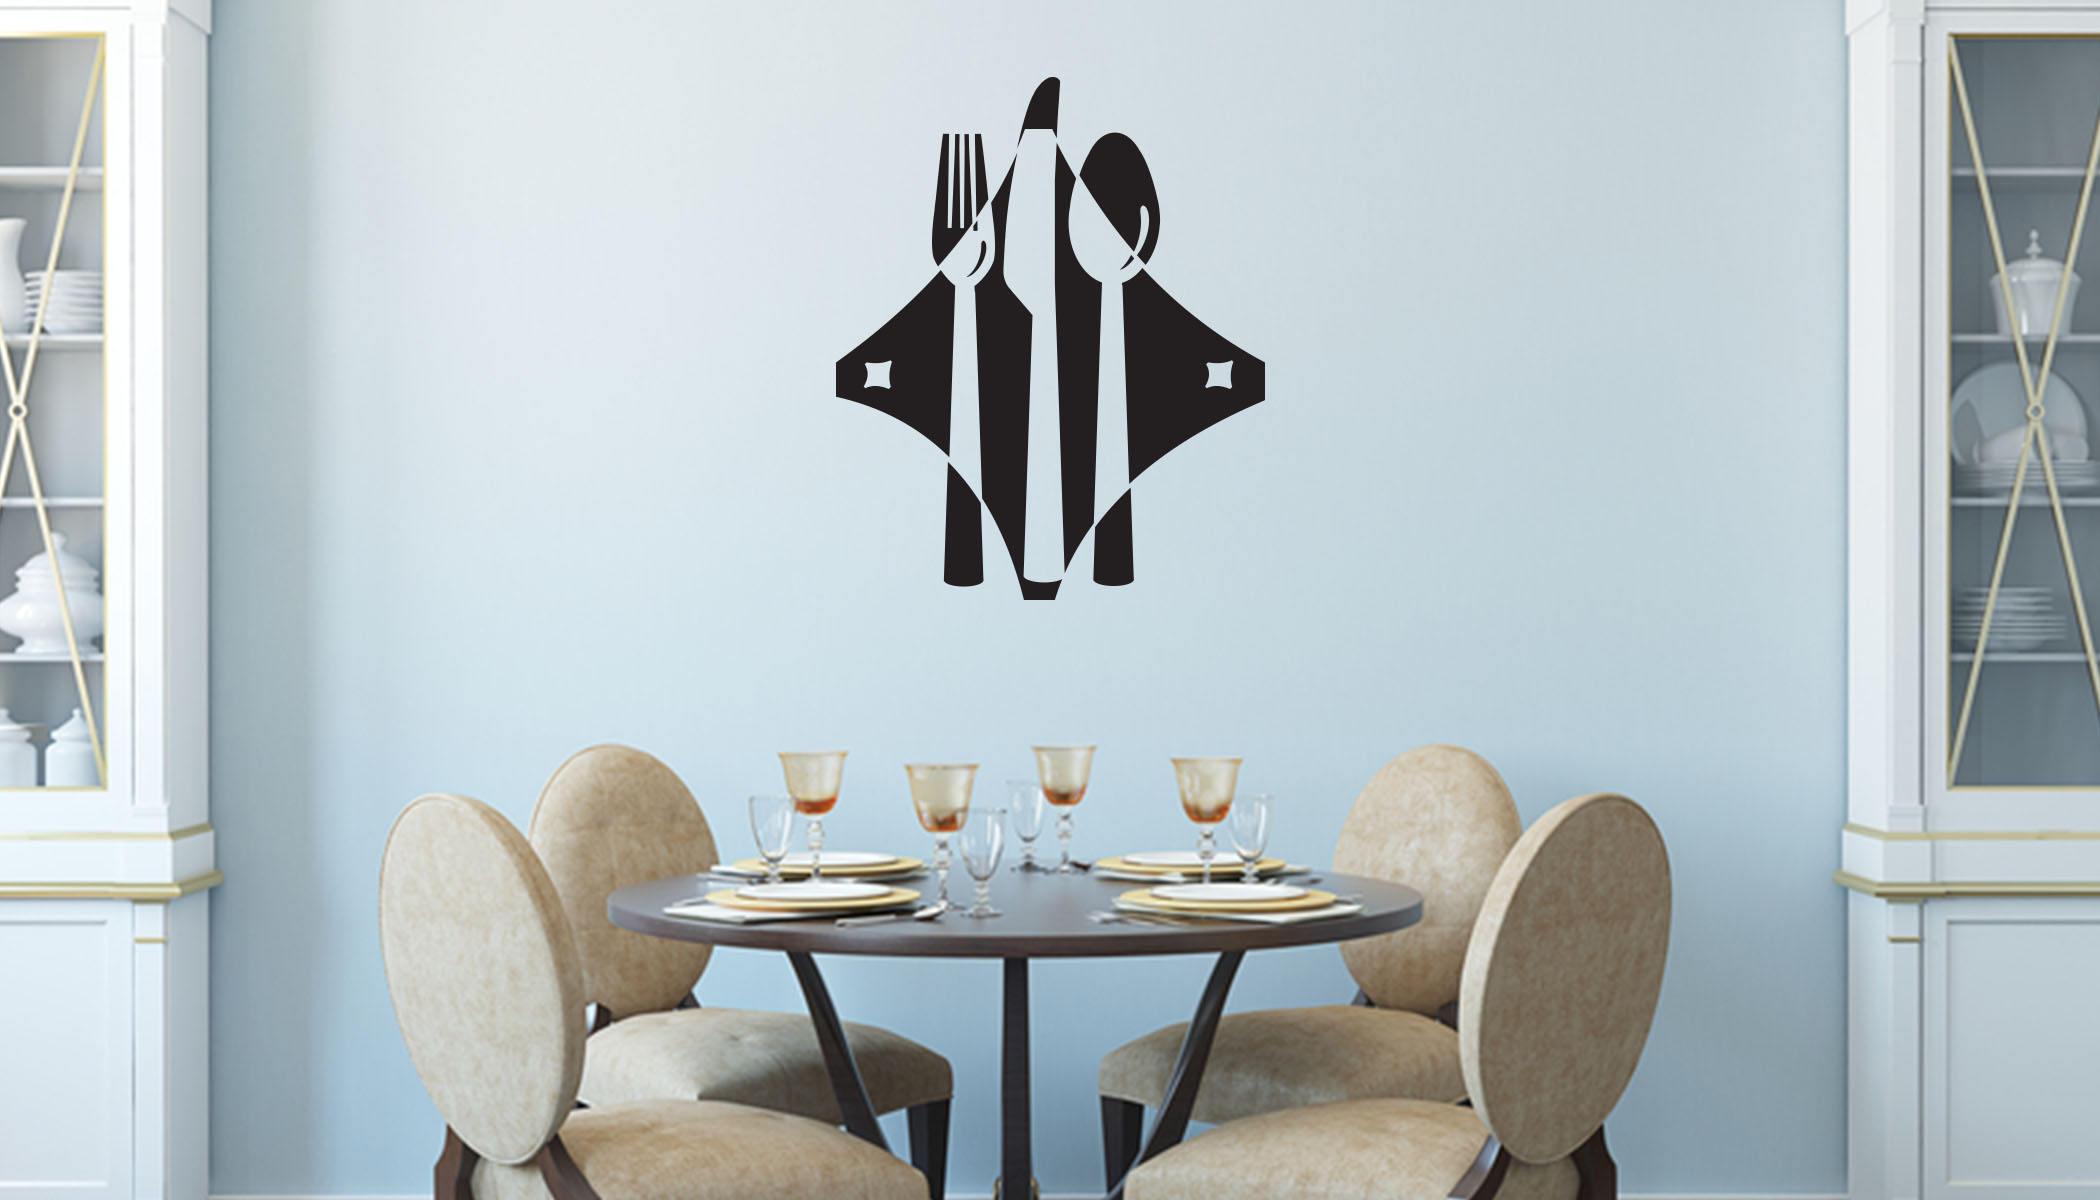 Kitchen Utensils Kitchen Vinyl Wall Quote | Etsy